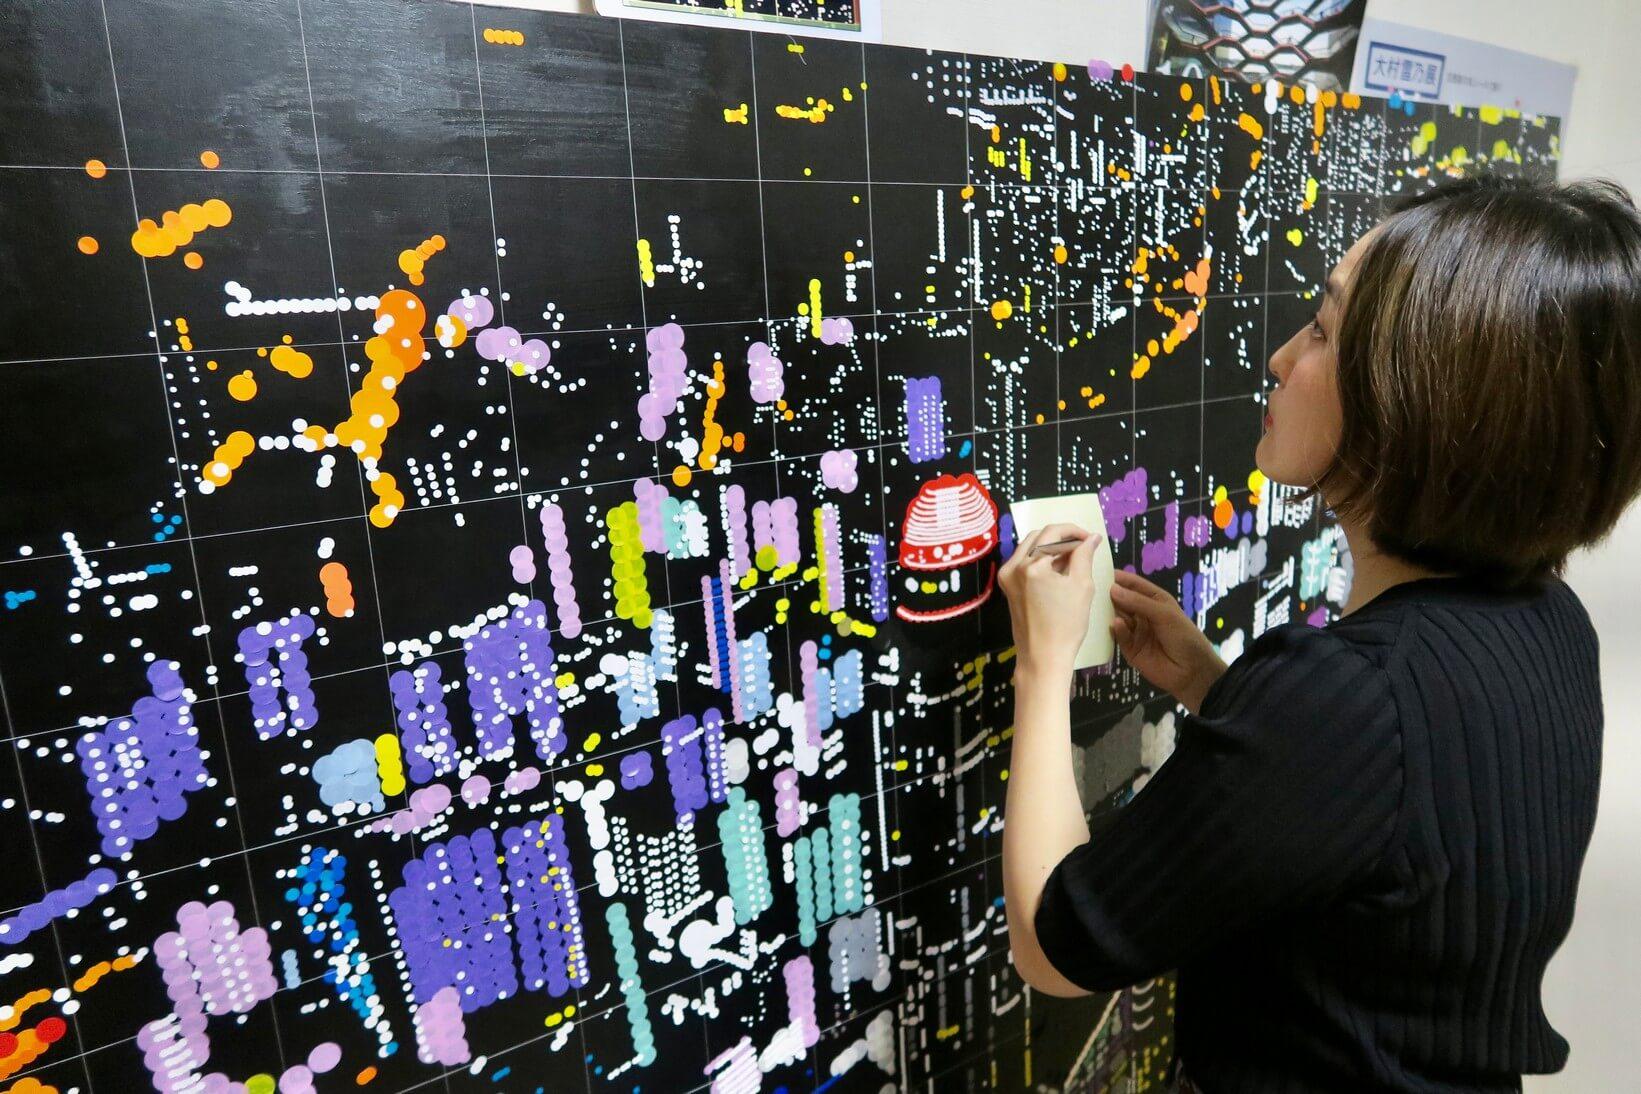 大村雪乃個人檔案日本藝術家大村雪乃,自大學起已開始以文具圓形貼紙製作城市夜景作品。